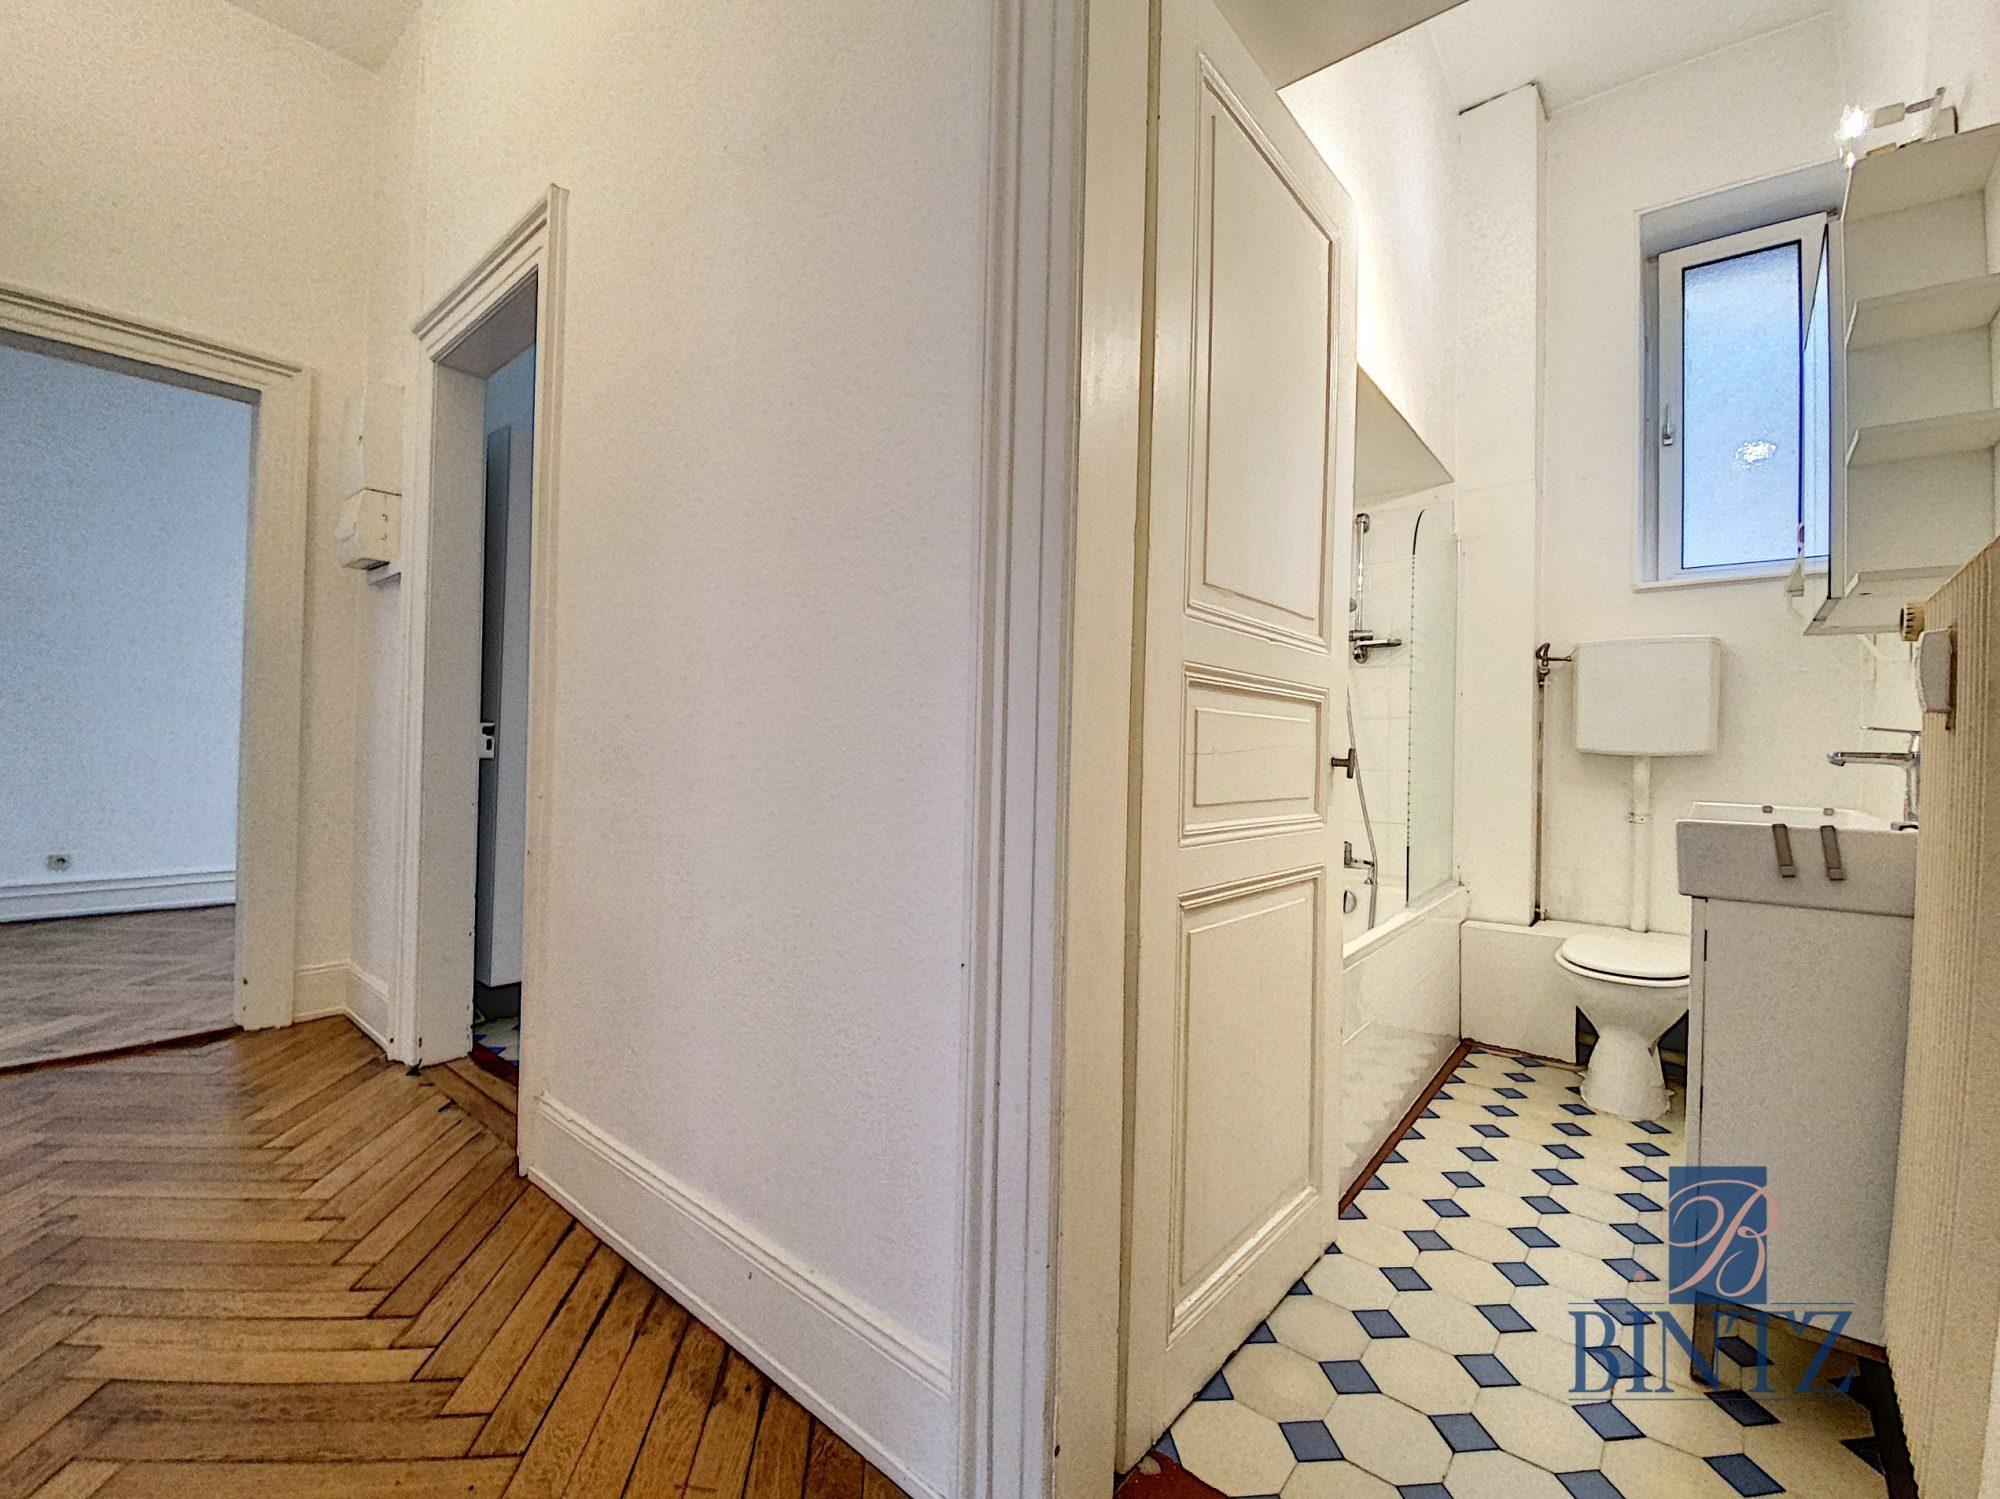 BEAU 4 PIÈCES SECTEUR FORET NOIRE - Devenez locataire en toute sérénité - Bintz Immobilier - 7